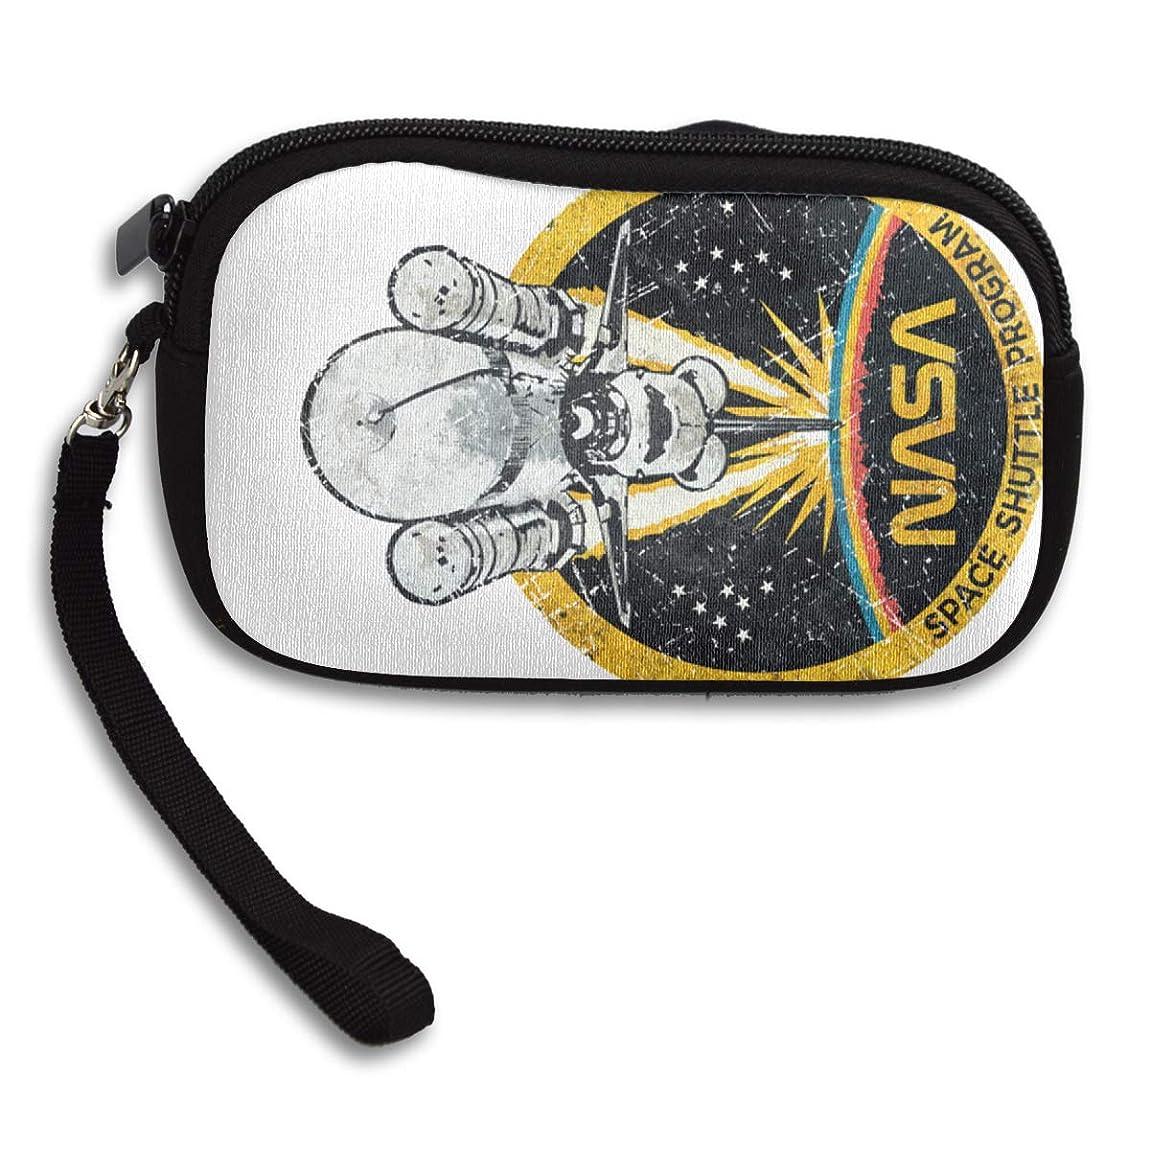 パトロン知恵投げる小銭入れ コインケース 米航空宇宙局のスペースシャトル計画の象徴 携帯用 大容量 ファスナー 財布 カード収納 軽量